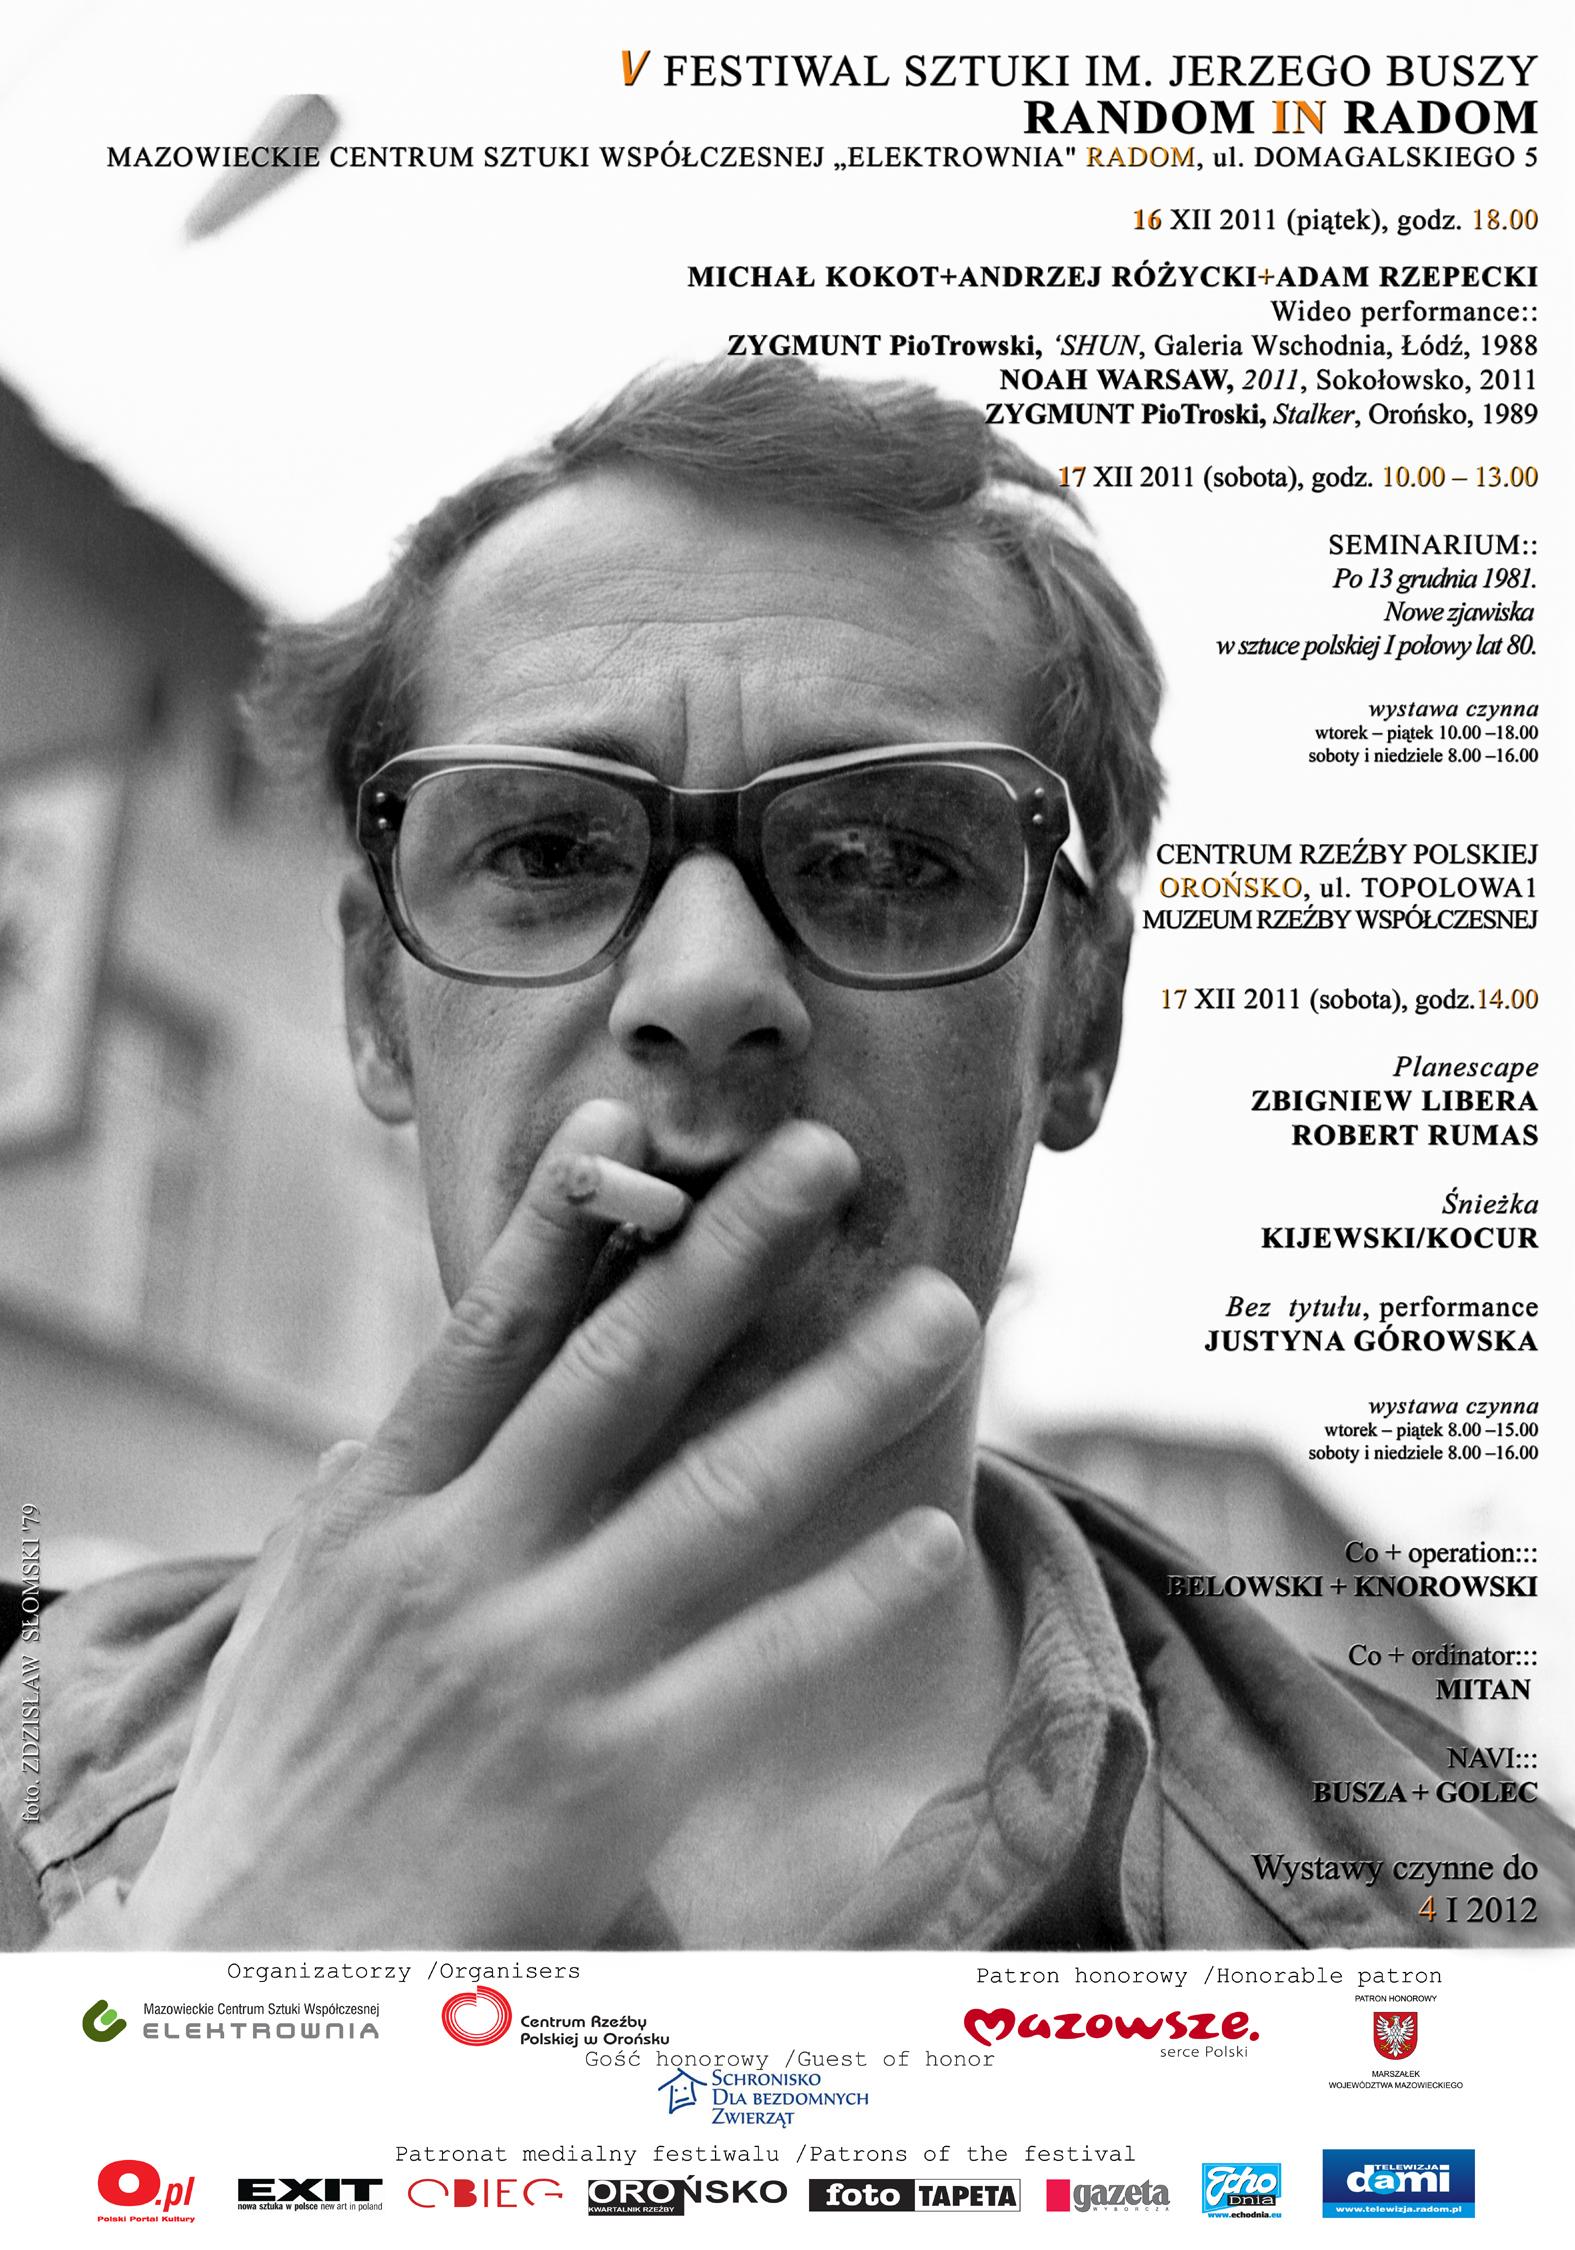 V Festiwal Sztuki im. Jerzego Buszy Random in Radom- plakat (źródło: materiały prasowe Mazowieckiego Centrum Sztuki Współczesnej)